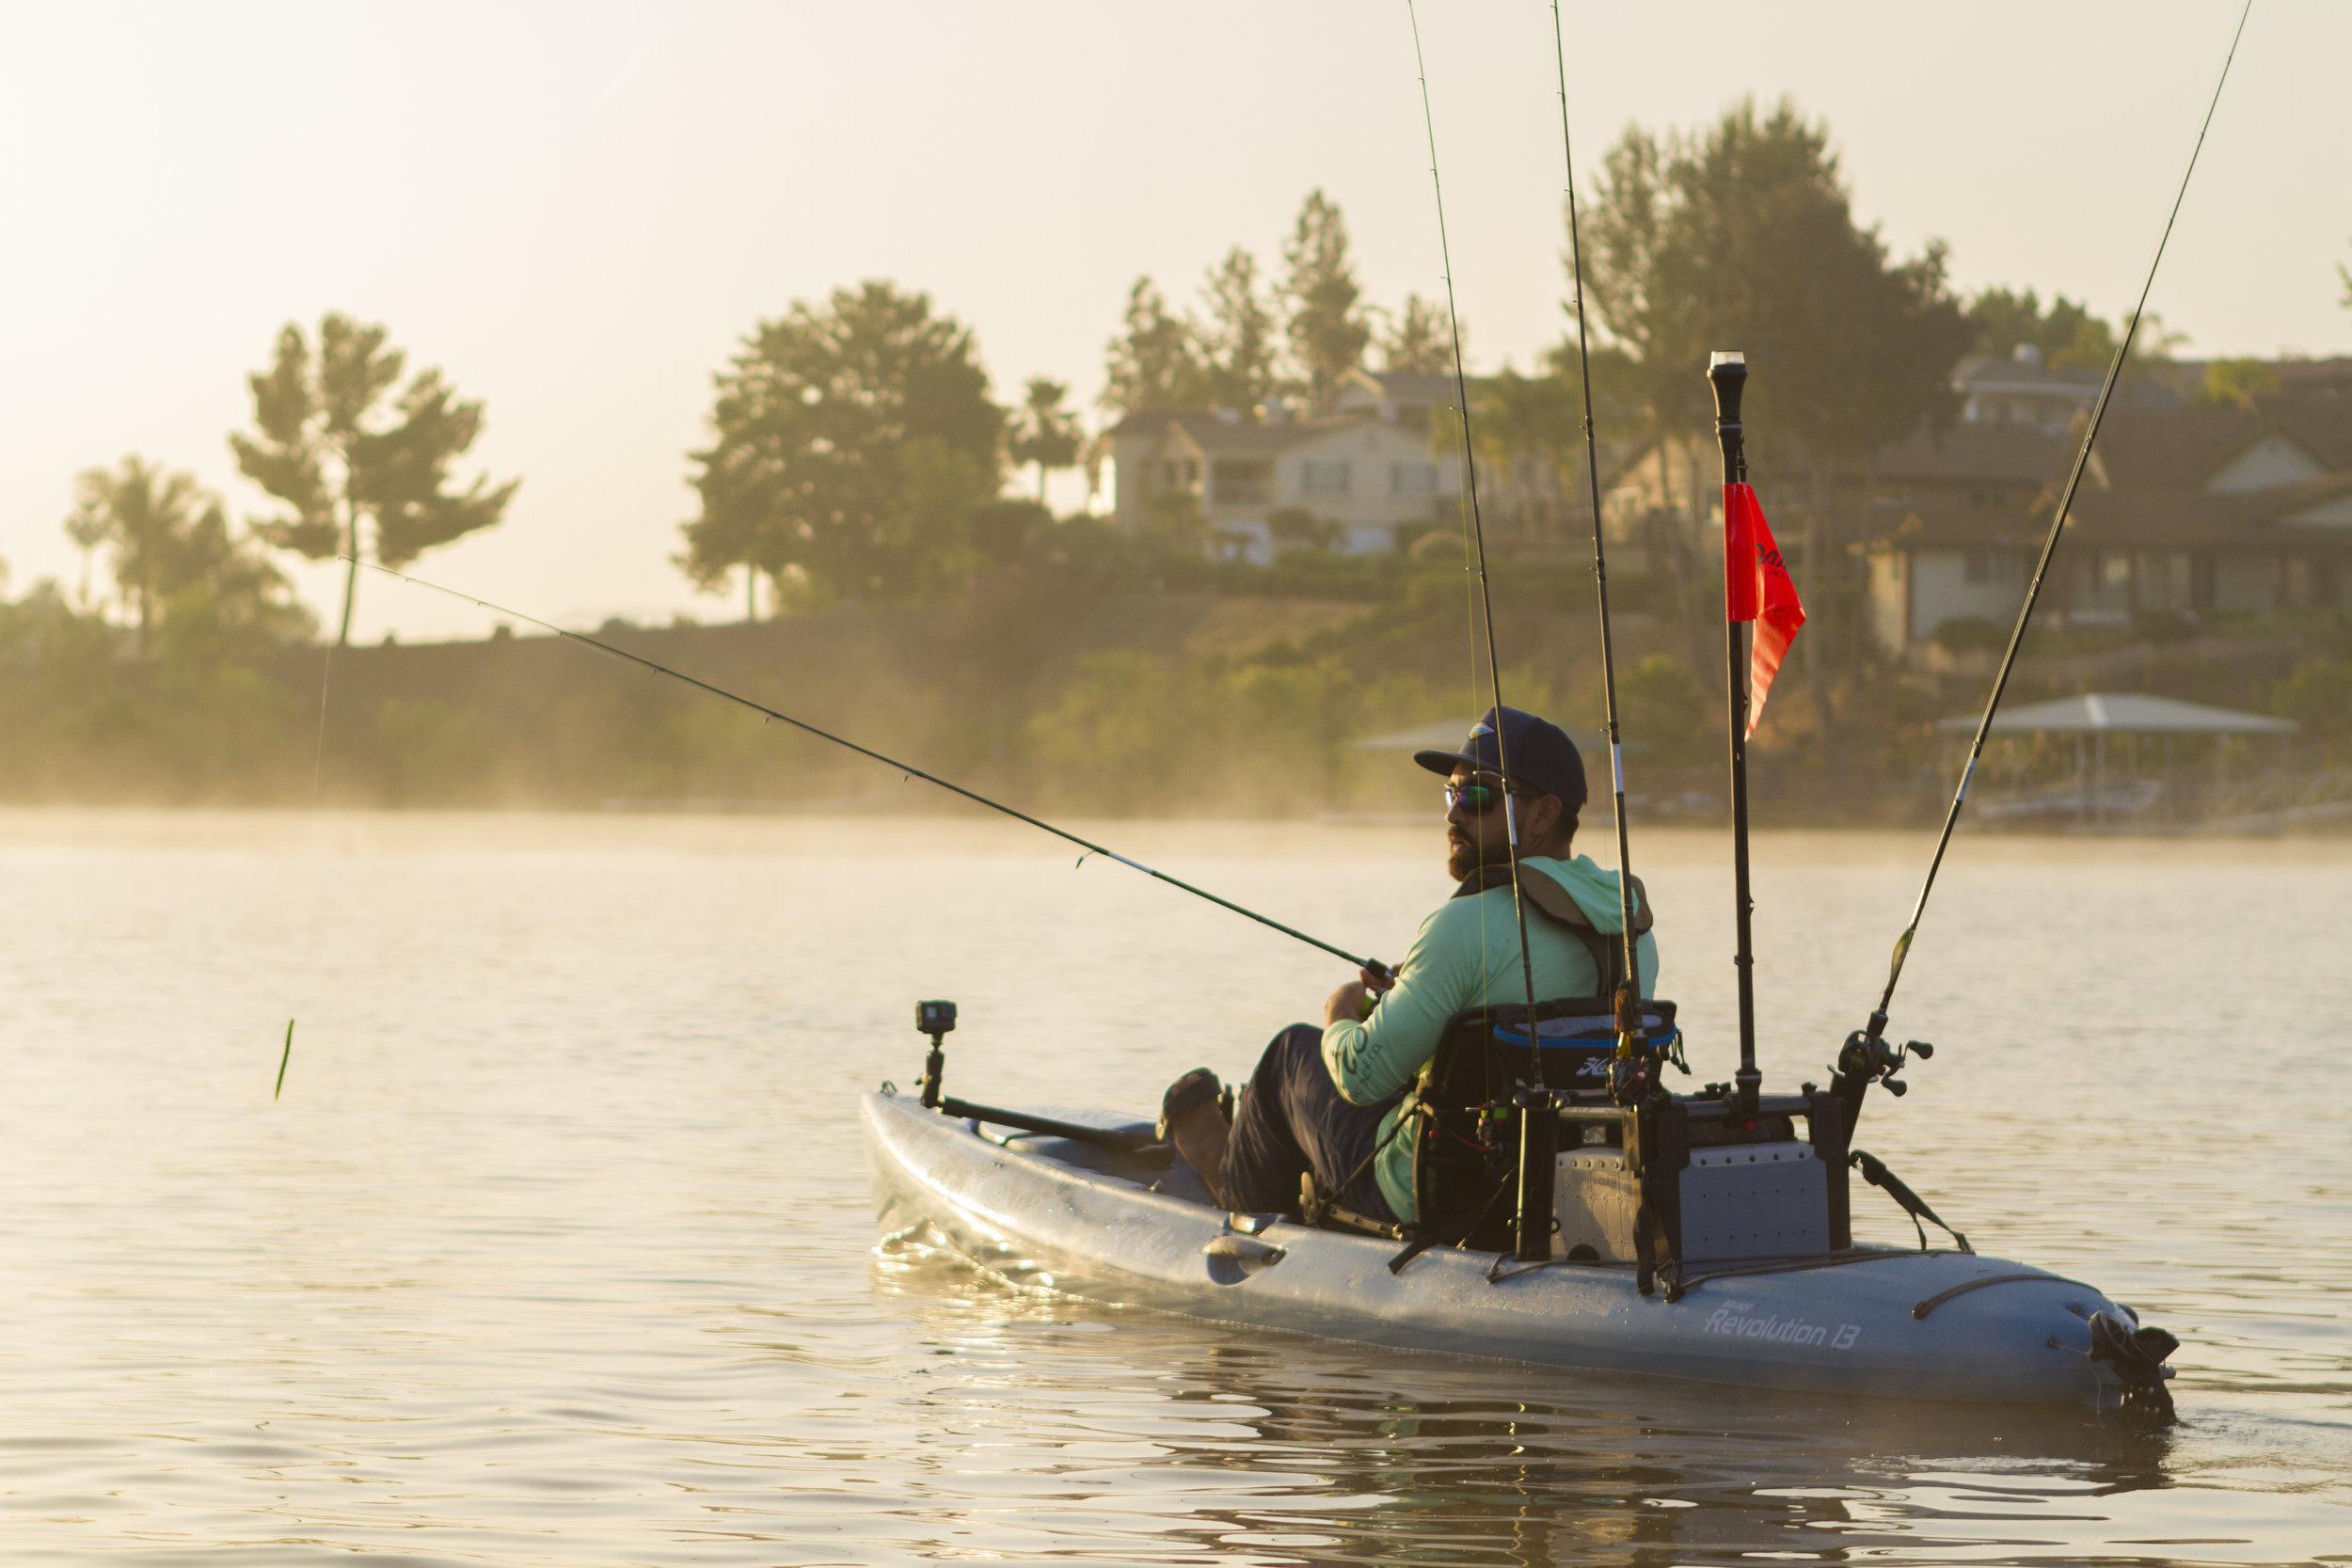 Revolution13_action_fishing_morning_fog_Howie_lake_slate.jpg